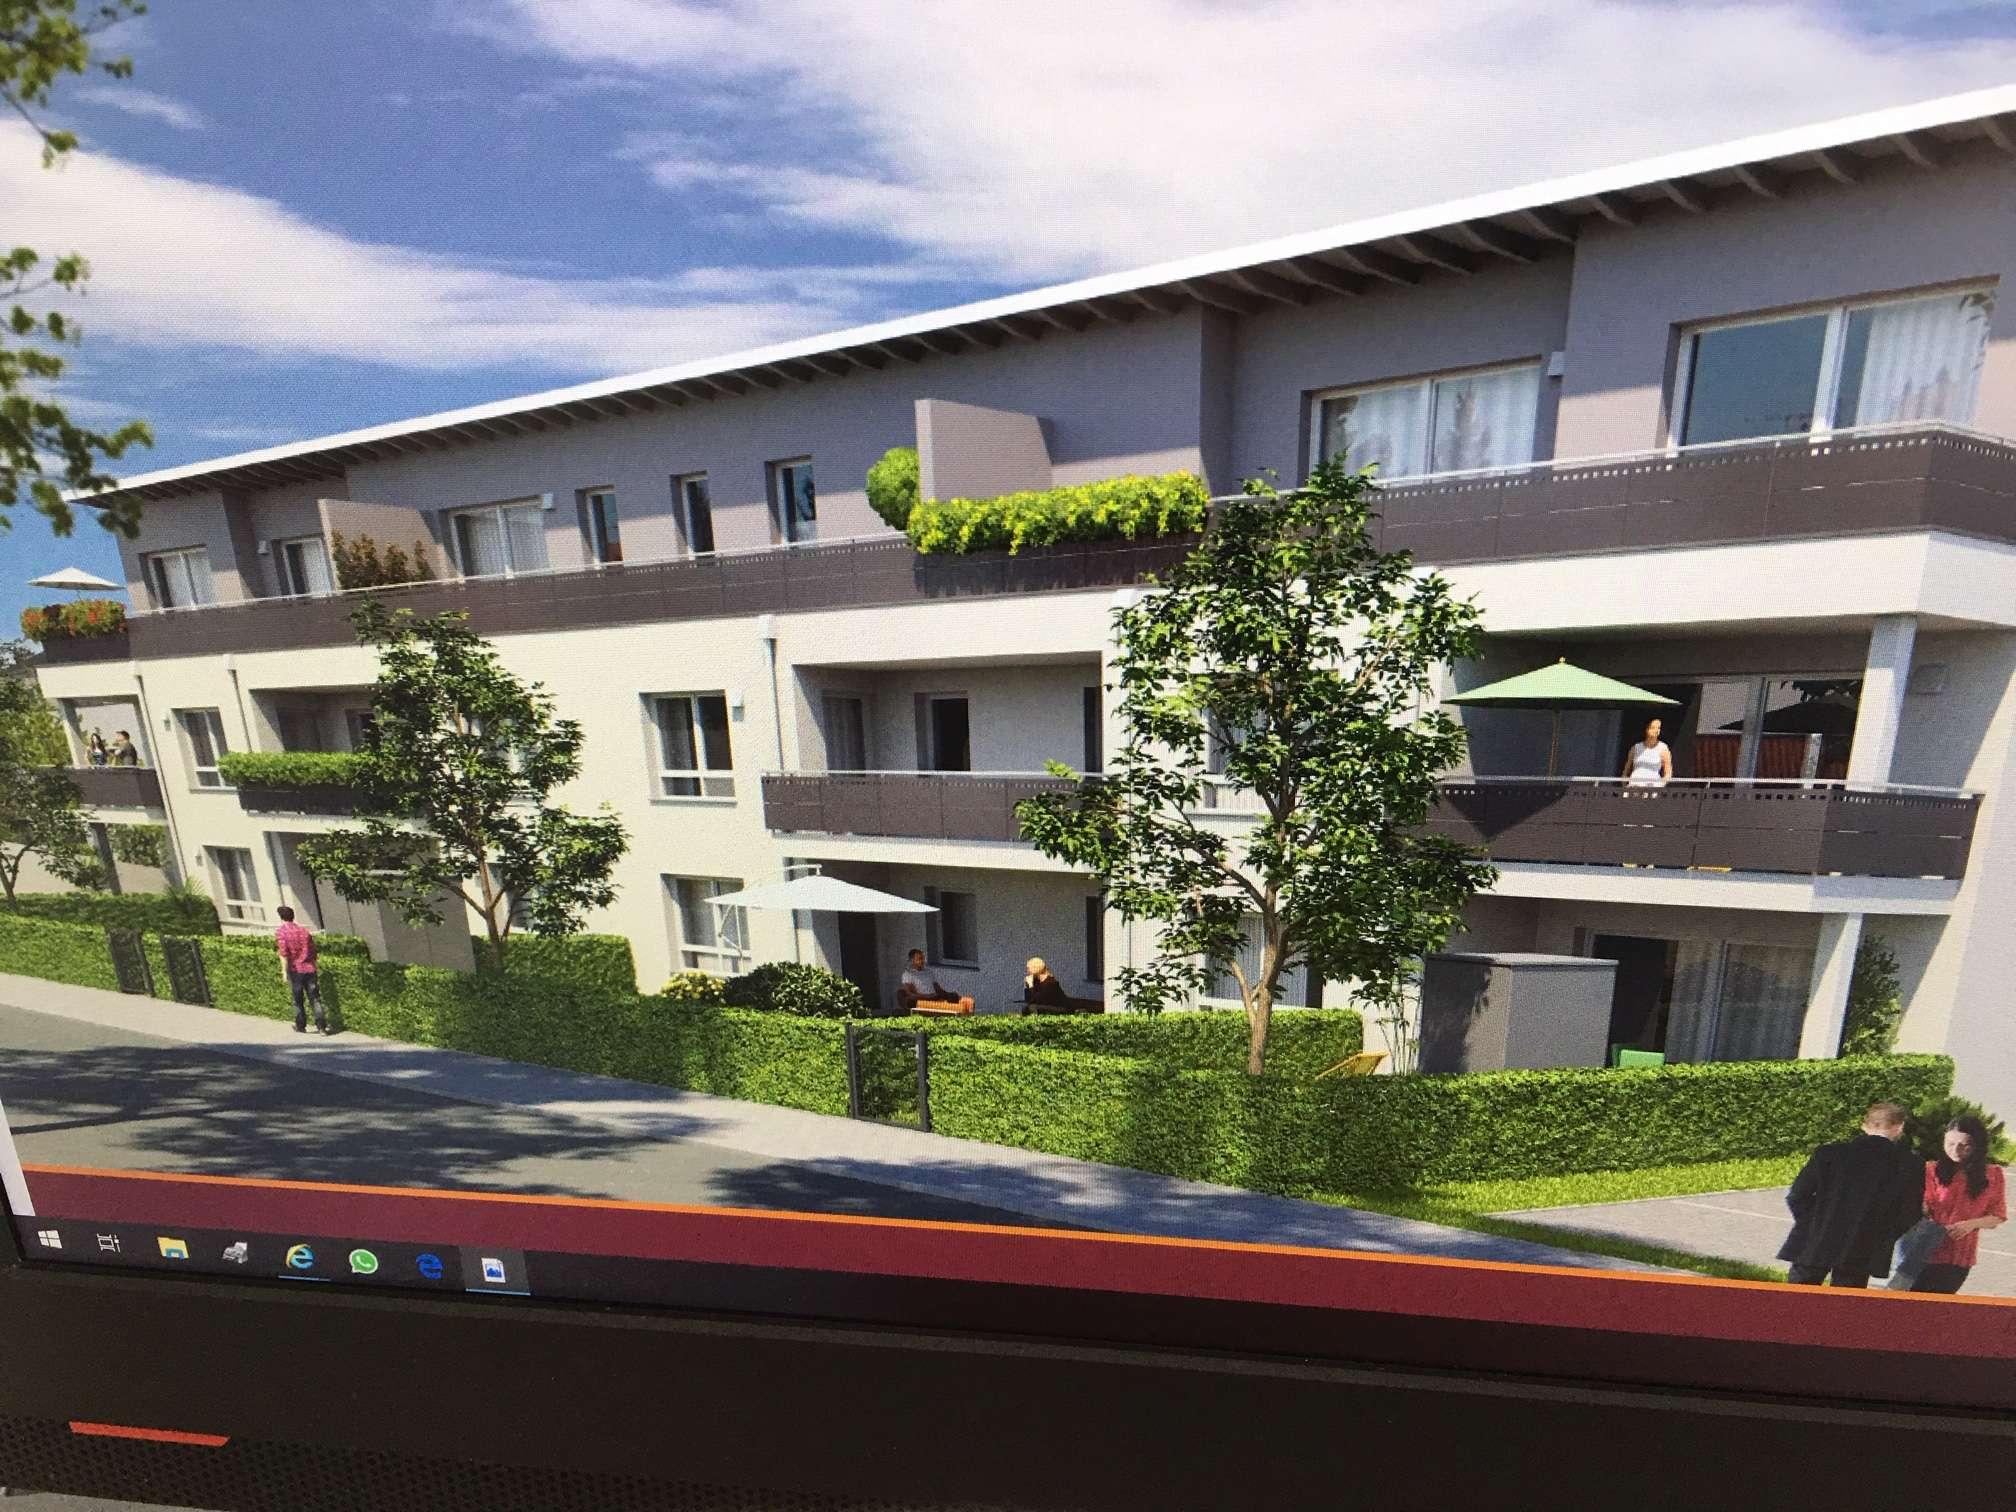 Neue 3-Zimmer-Wohnung mit Balkon und Aufzug sowie Tiefgarage in bevprzugter Wohnlage